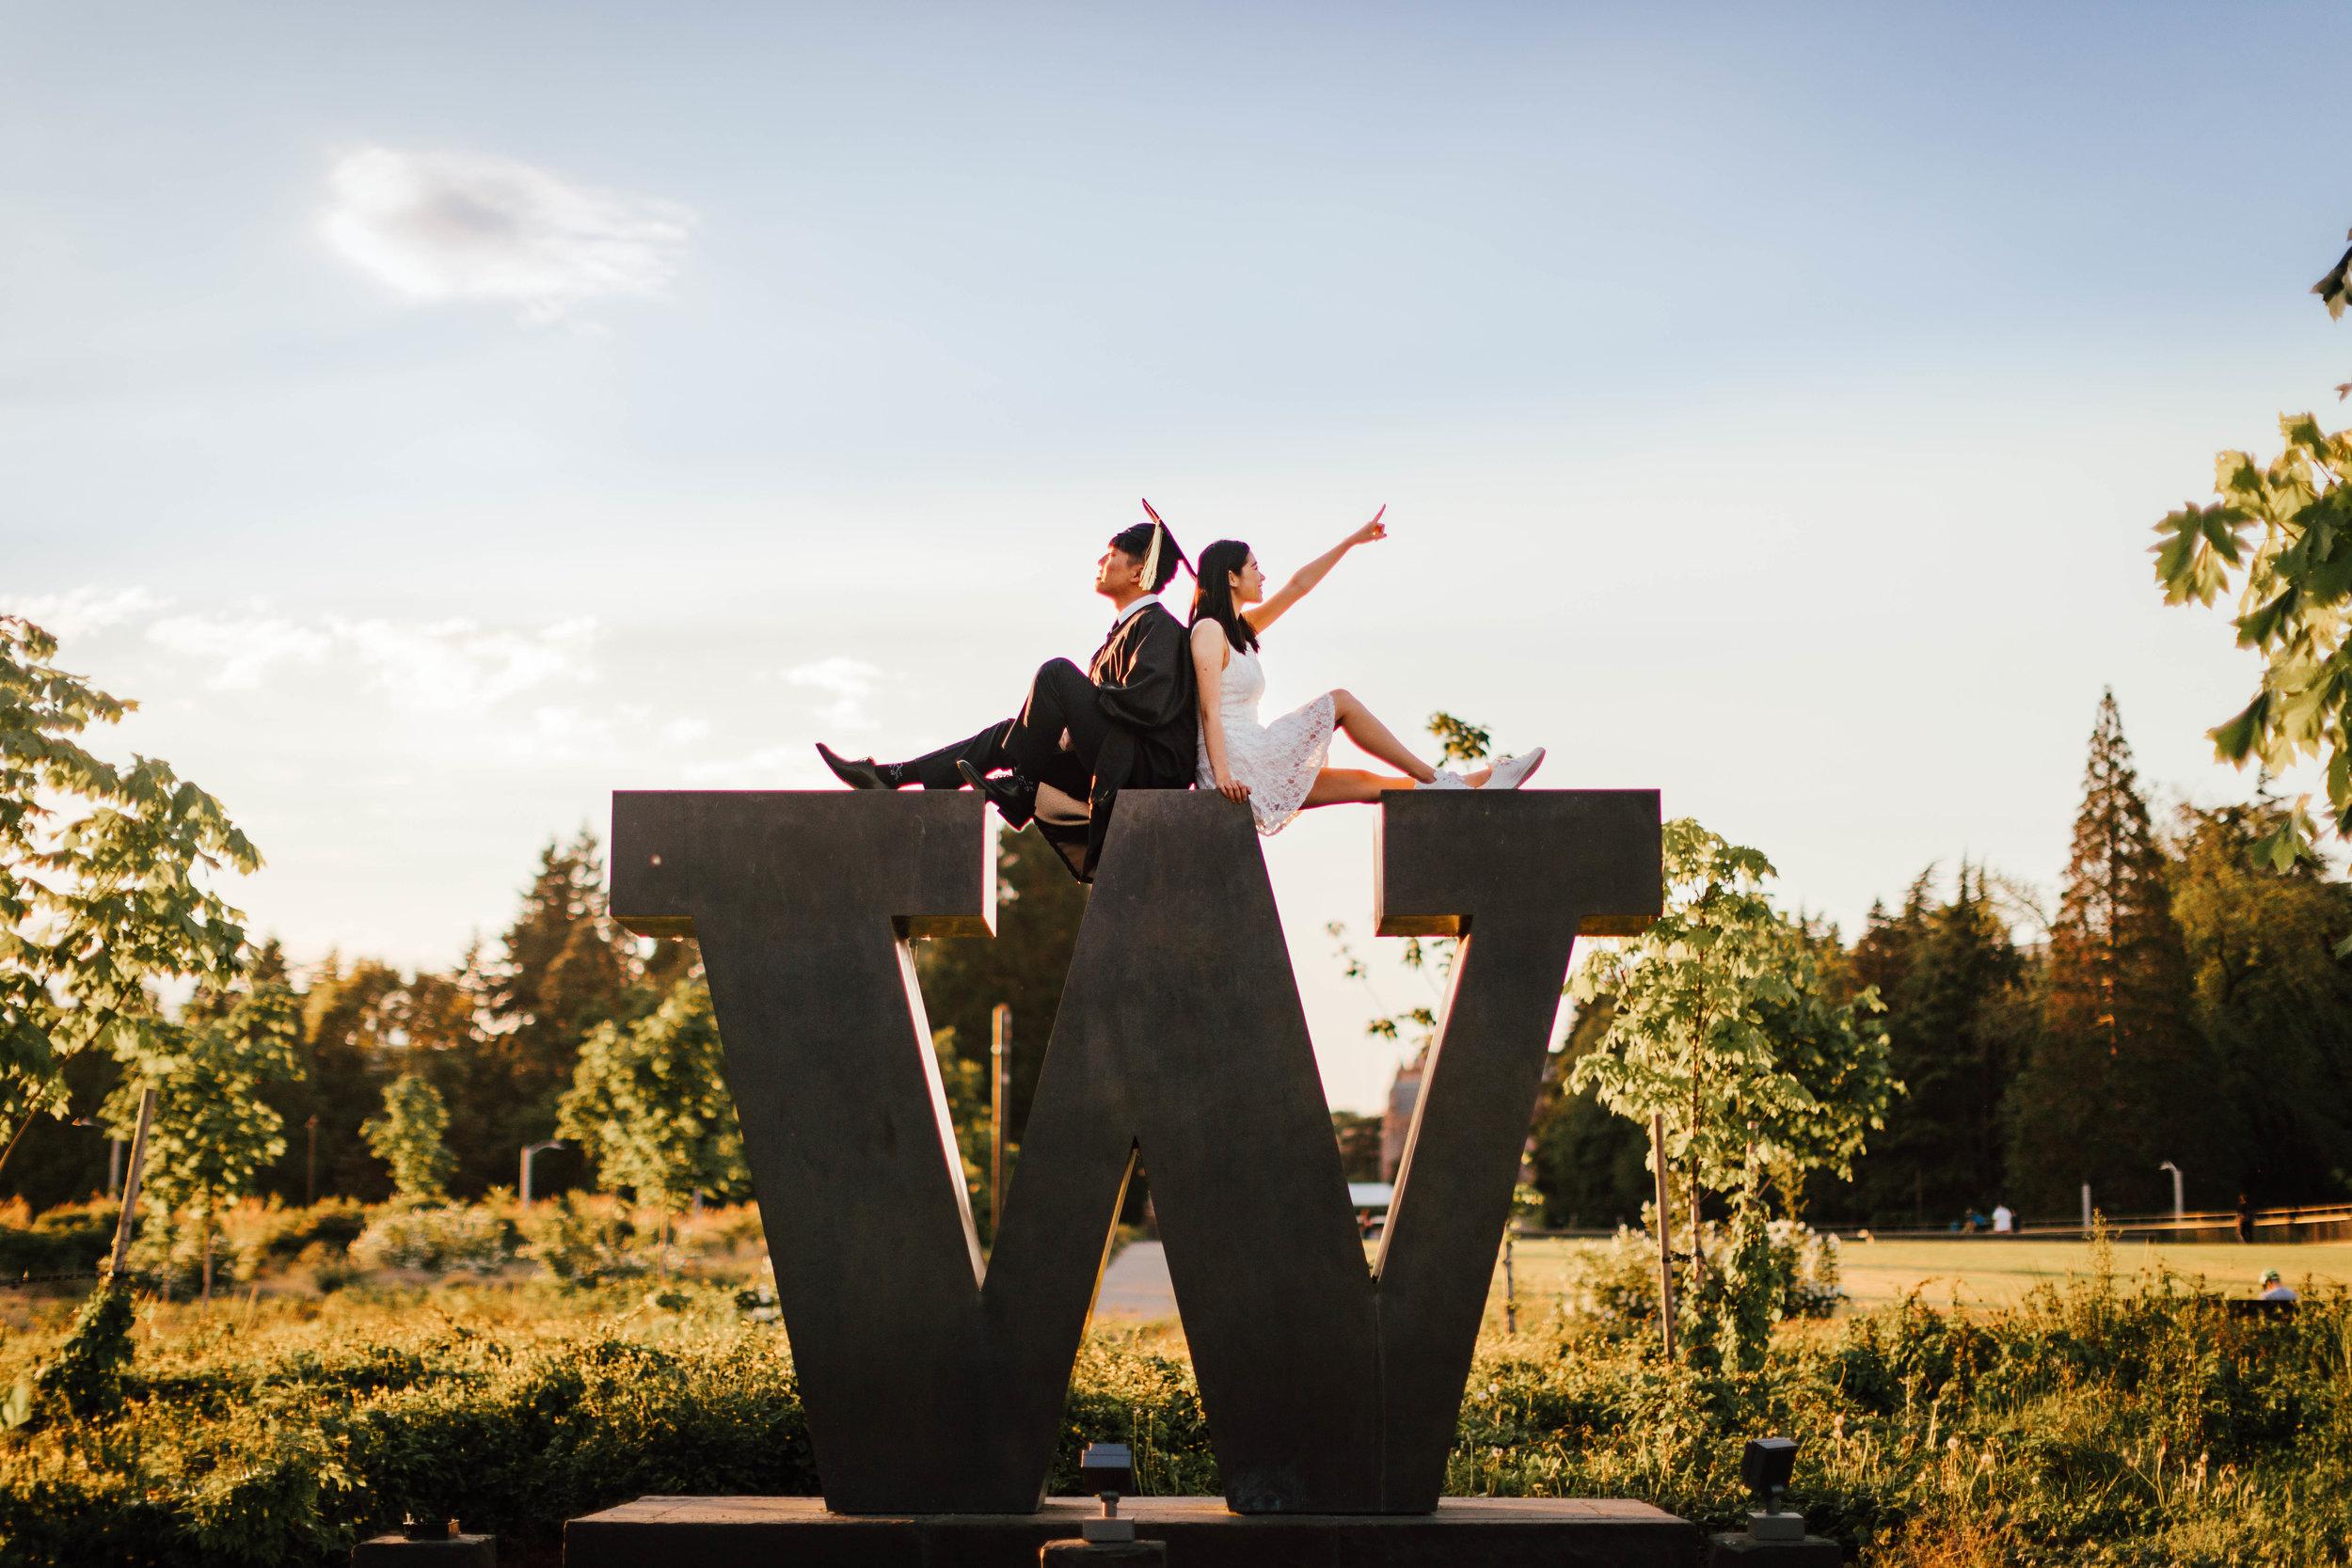 2018 Graduates - At the University of Washington